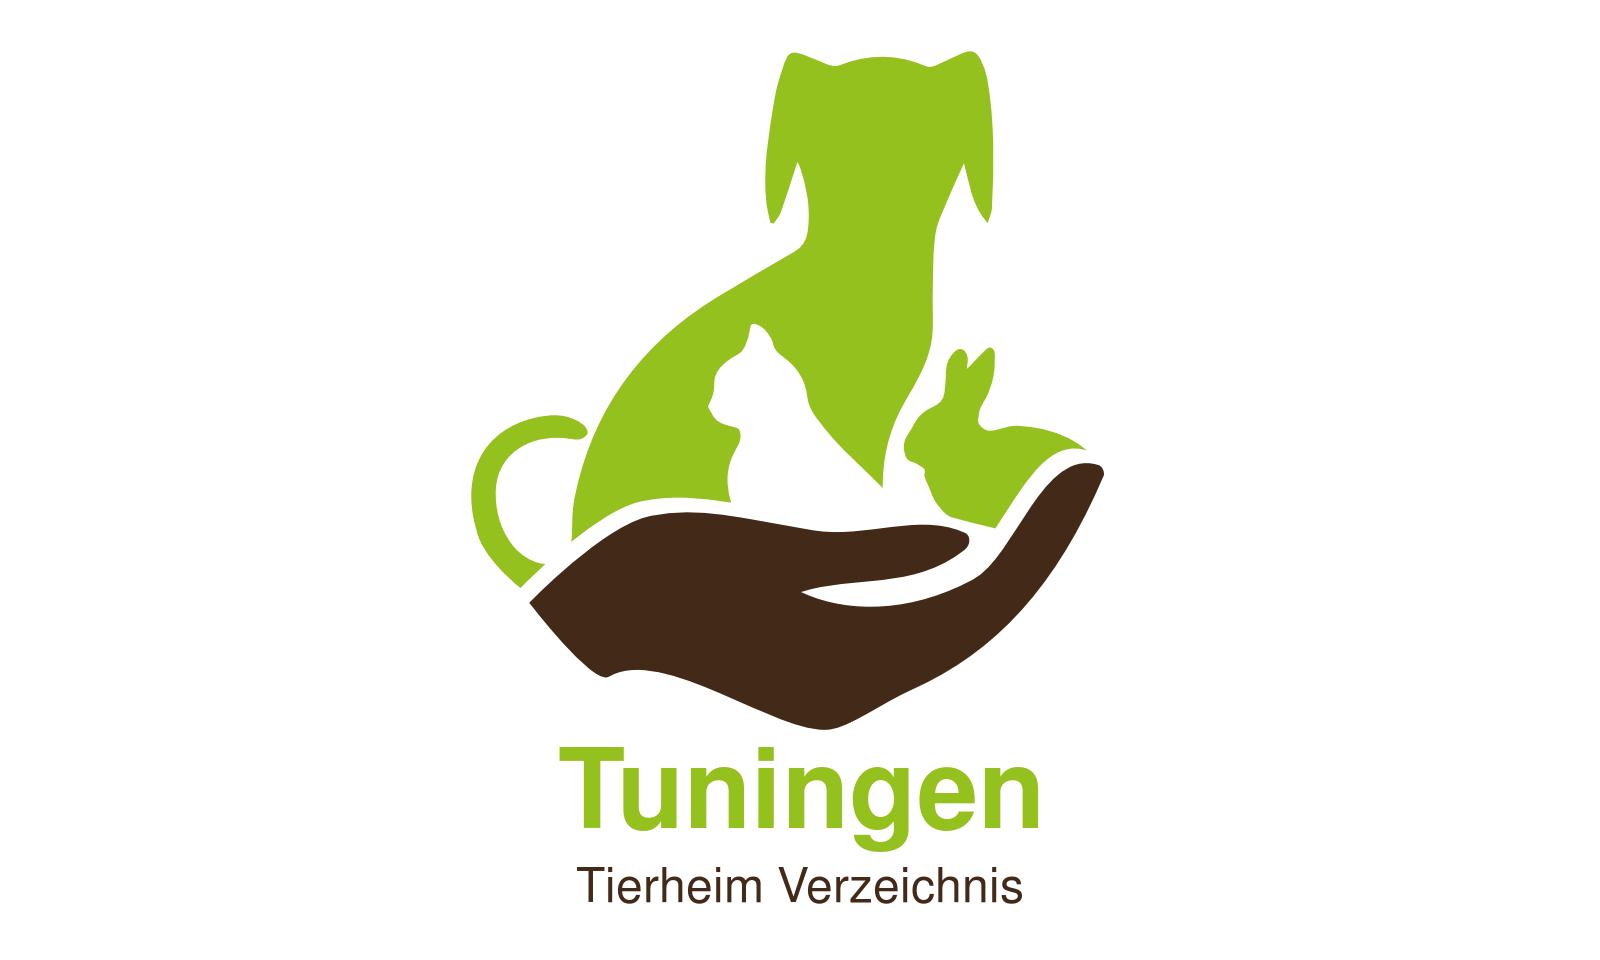 Tierheim Tuningen